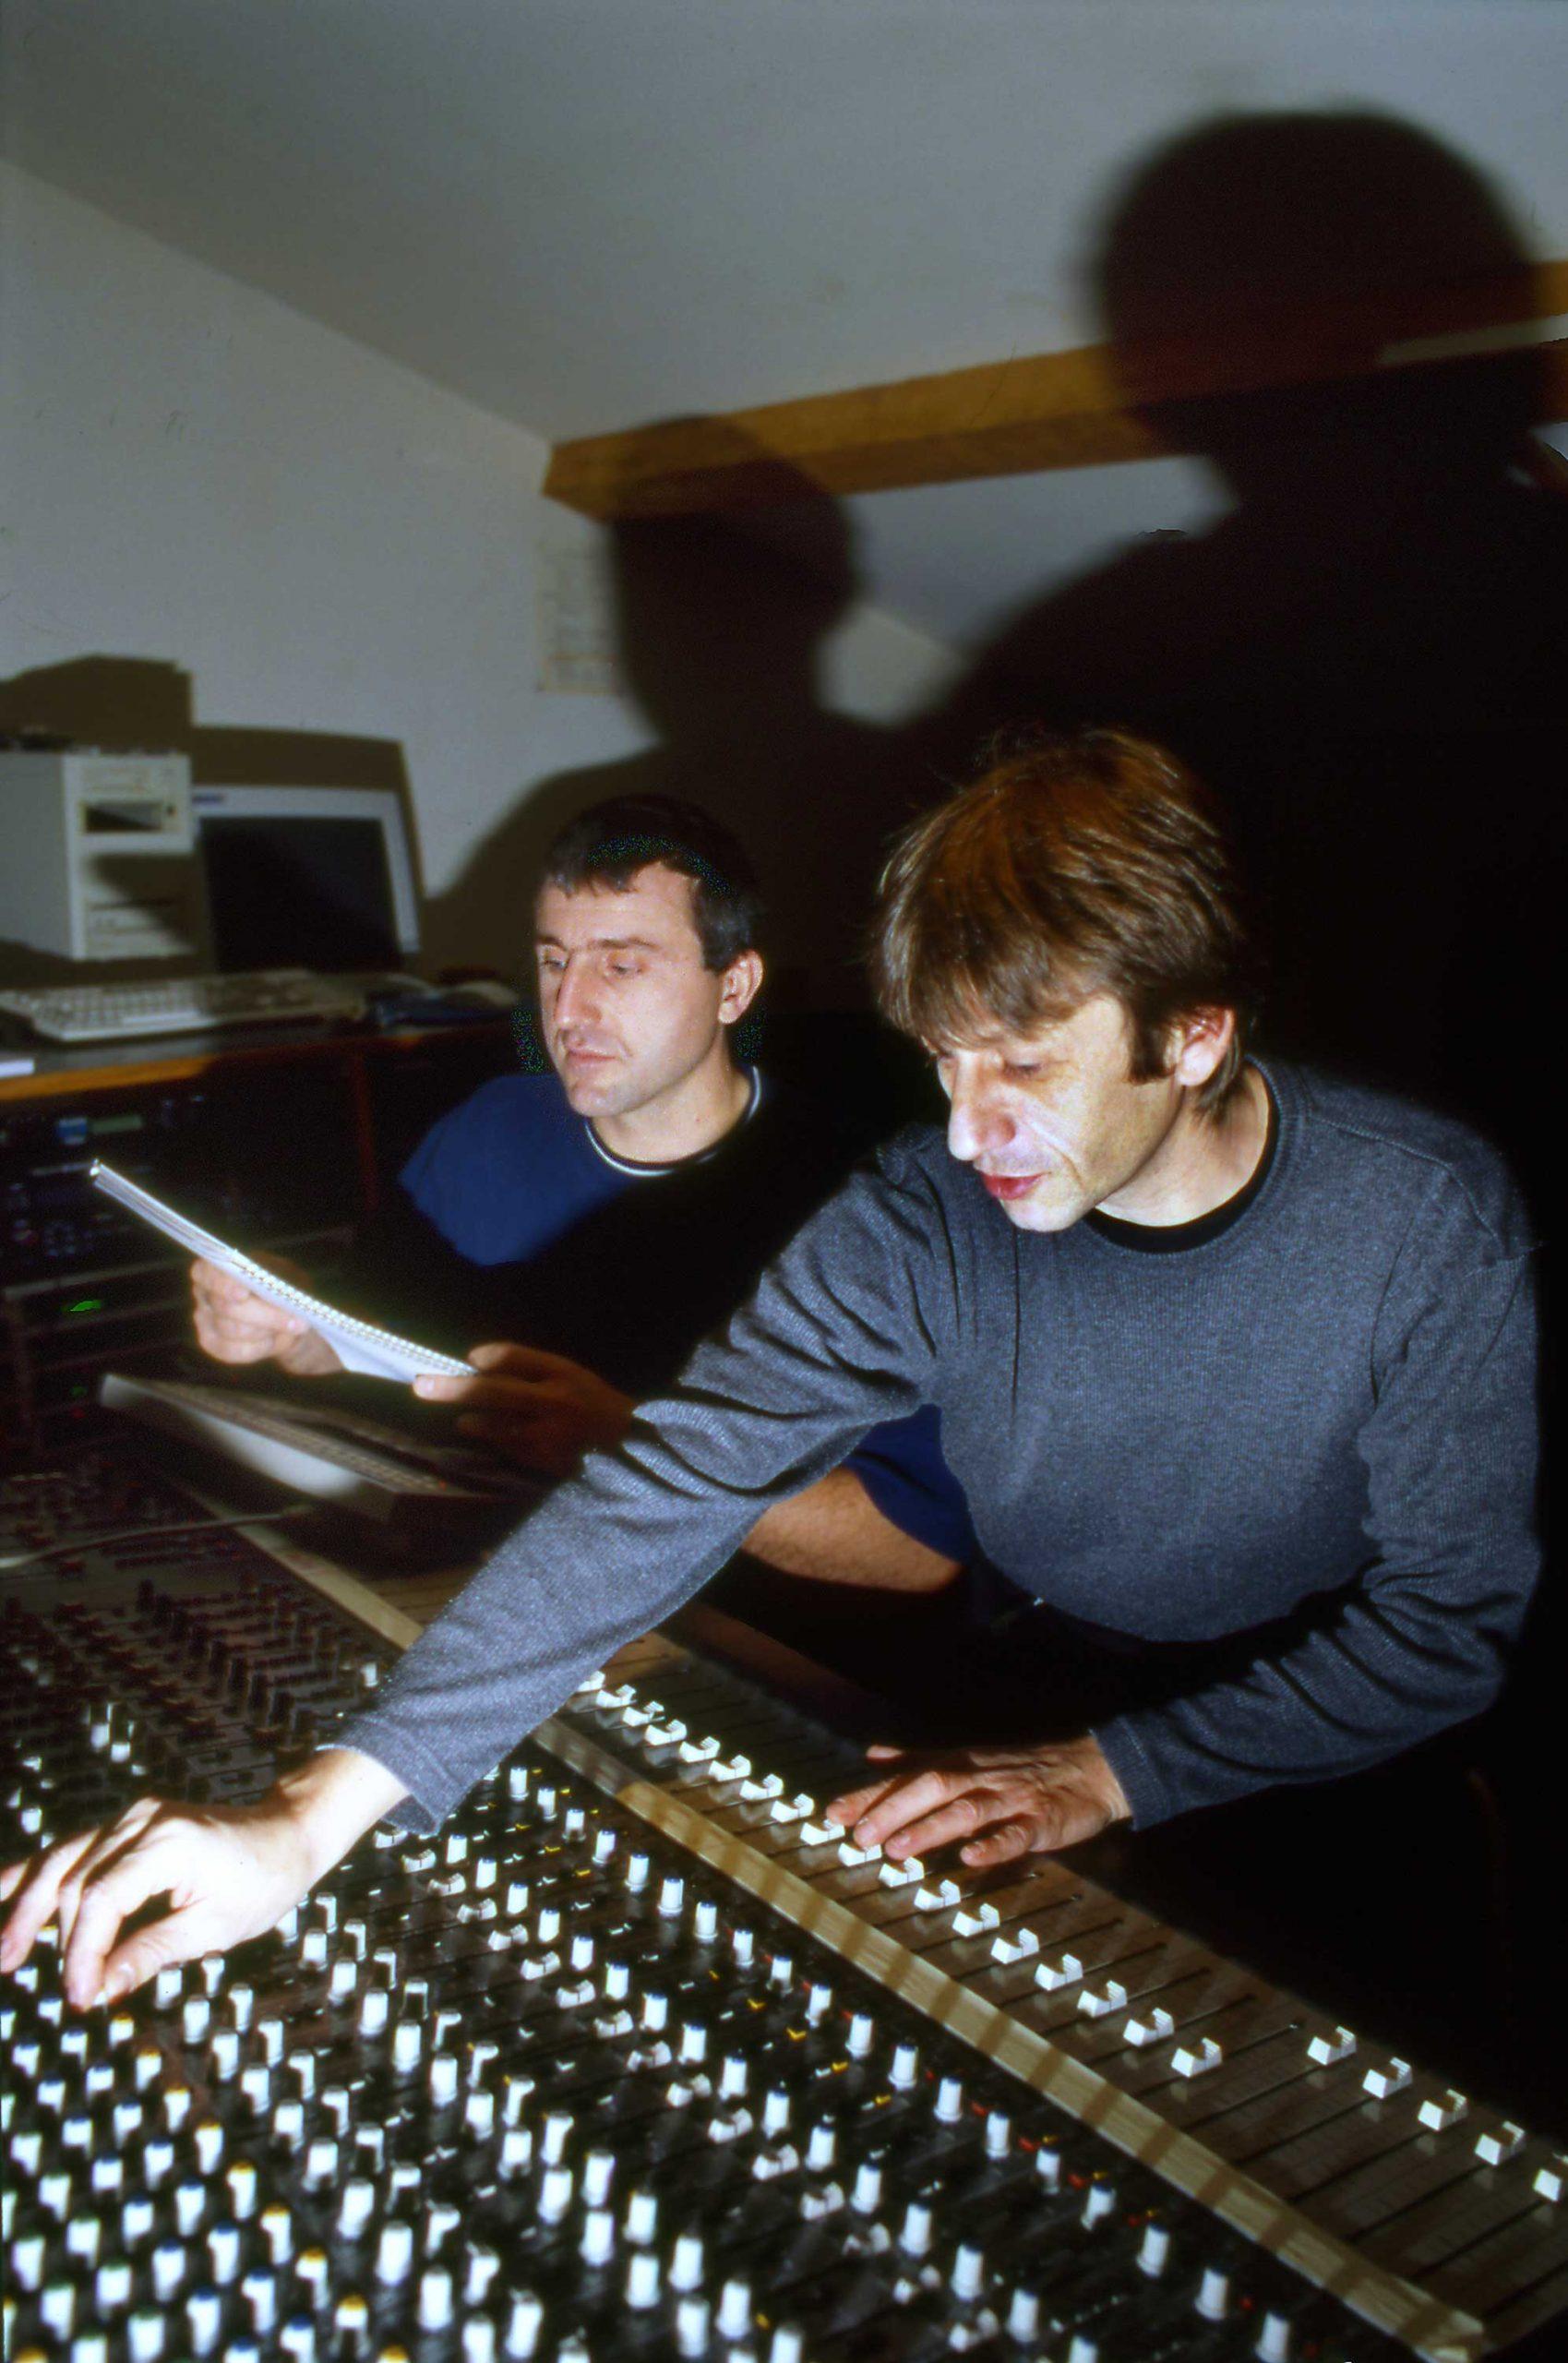 1991 : ouverture du studio dans le bâtiment annexe. Patrice décide de laisser la main de cette activité à Pascal Ricard qui sera, <br>pendant près de trente ans, un guide précieux pour de nombreux musiciens.